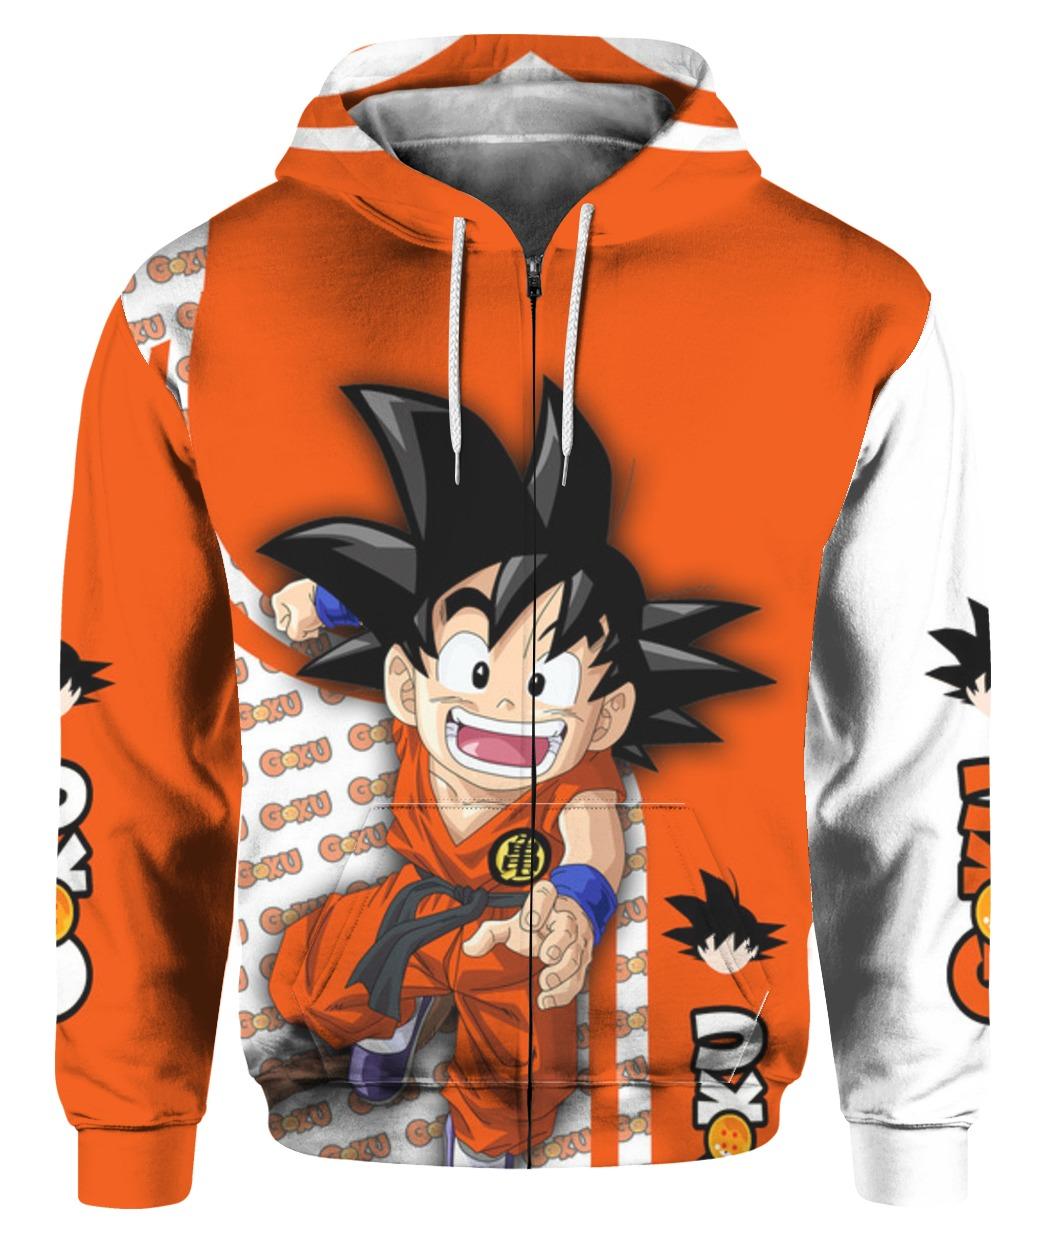 Dragon ball son goku all over printed zip hoodie 1